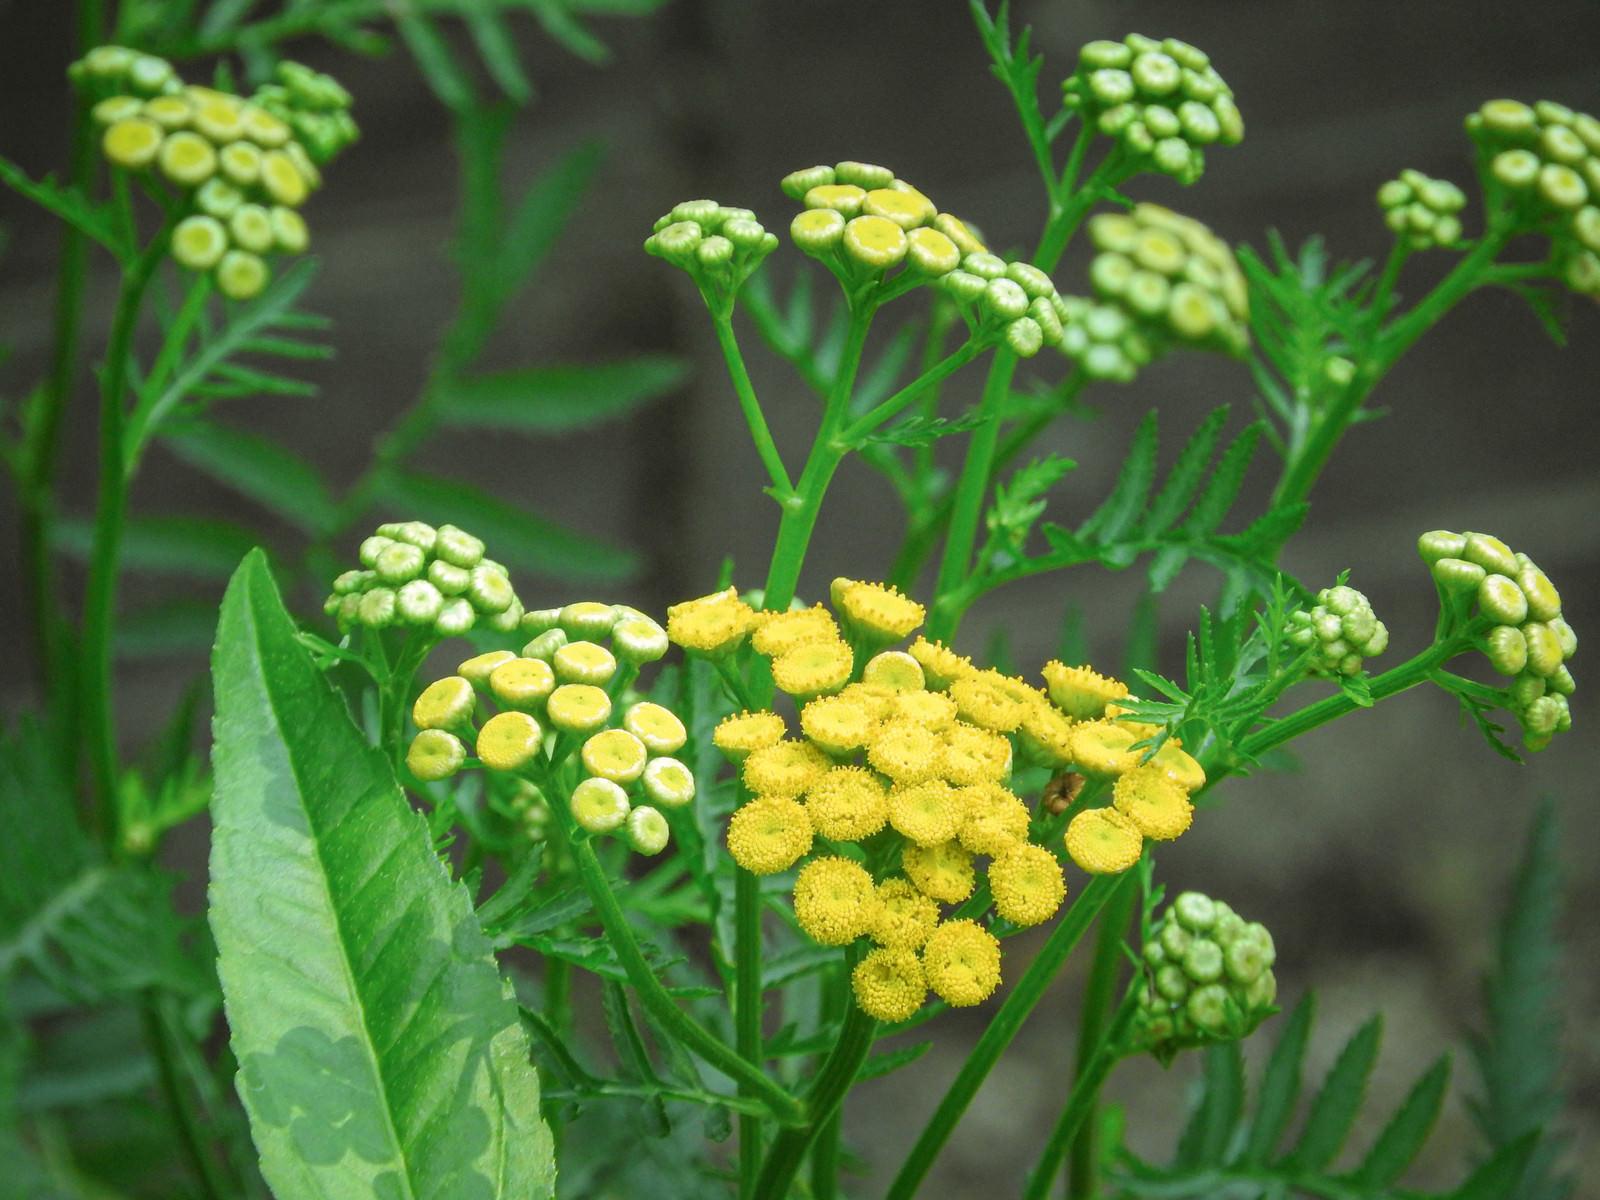 「小粒の花を咲かせるタンジー」の写真